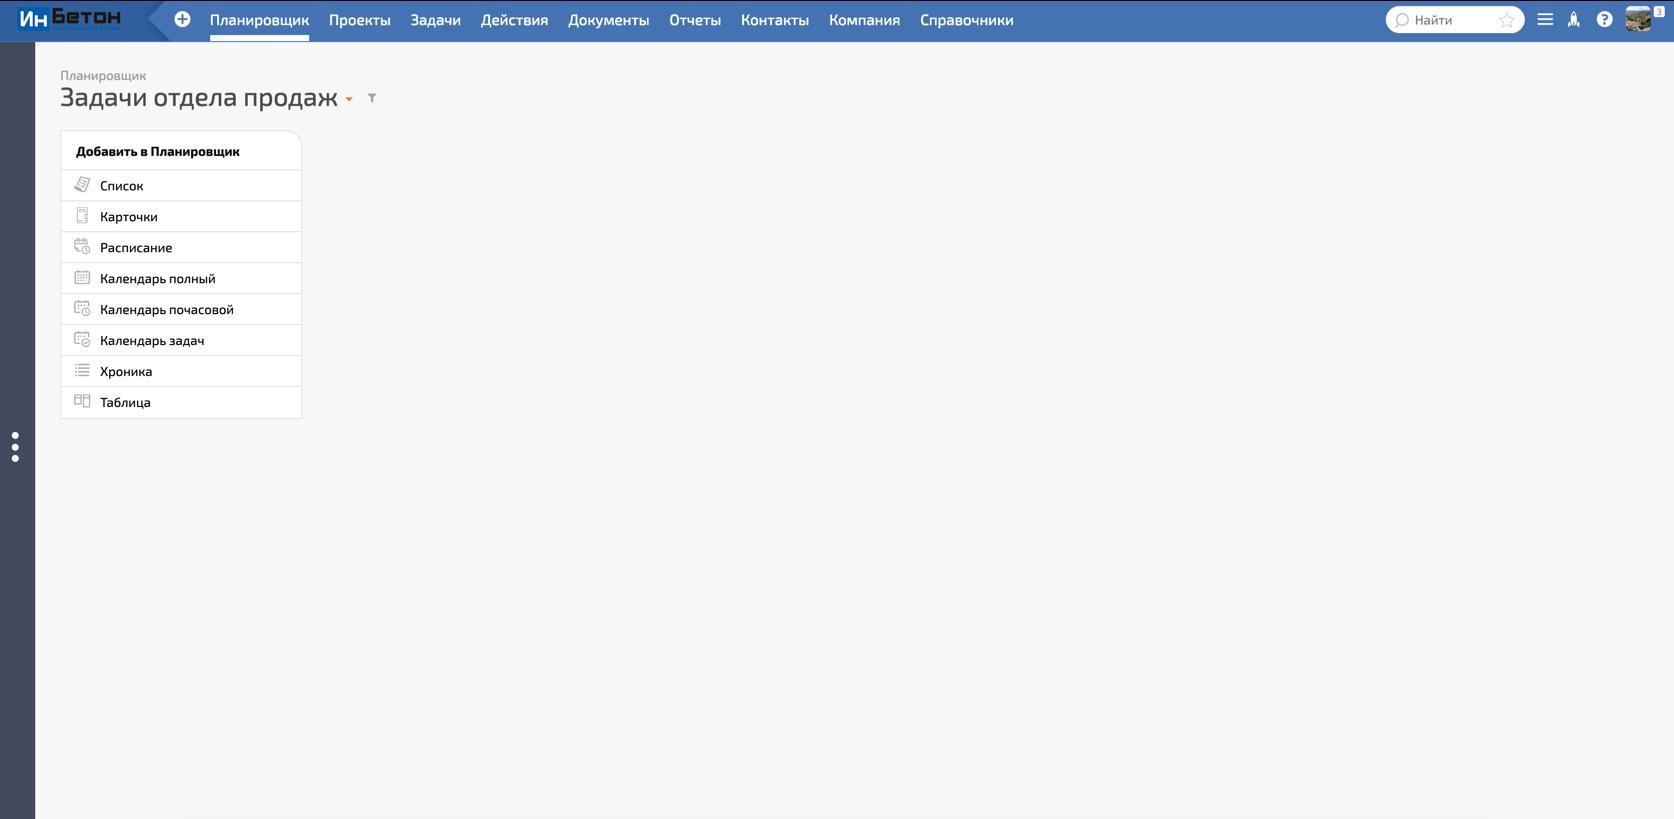 Интерфейс менеджера отдела продаж производственного предприятия в ПланФиксе